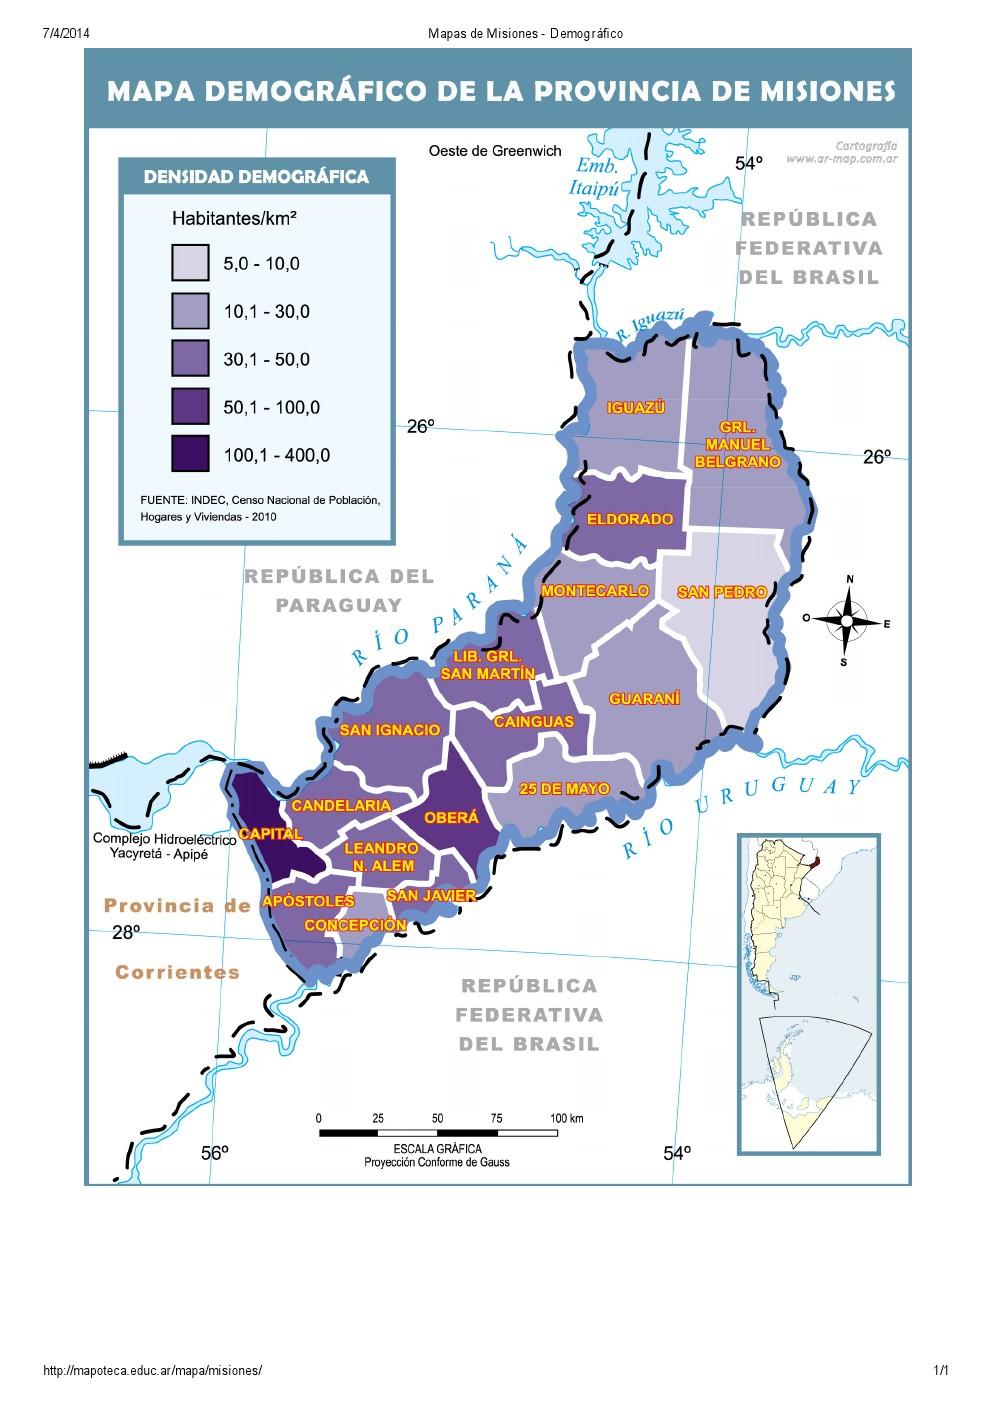 Mapa demográfico de Misiones. Mapoteca de Educ.ar